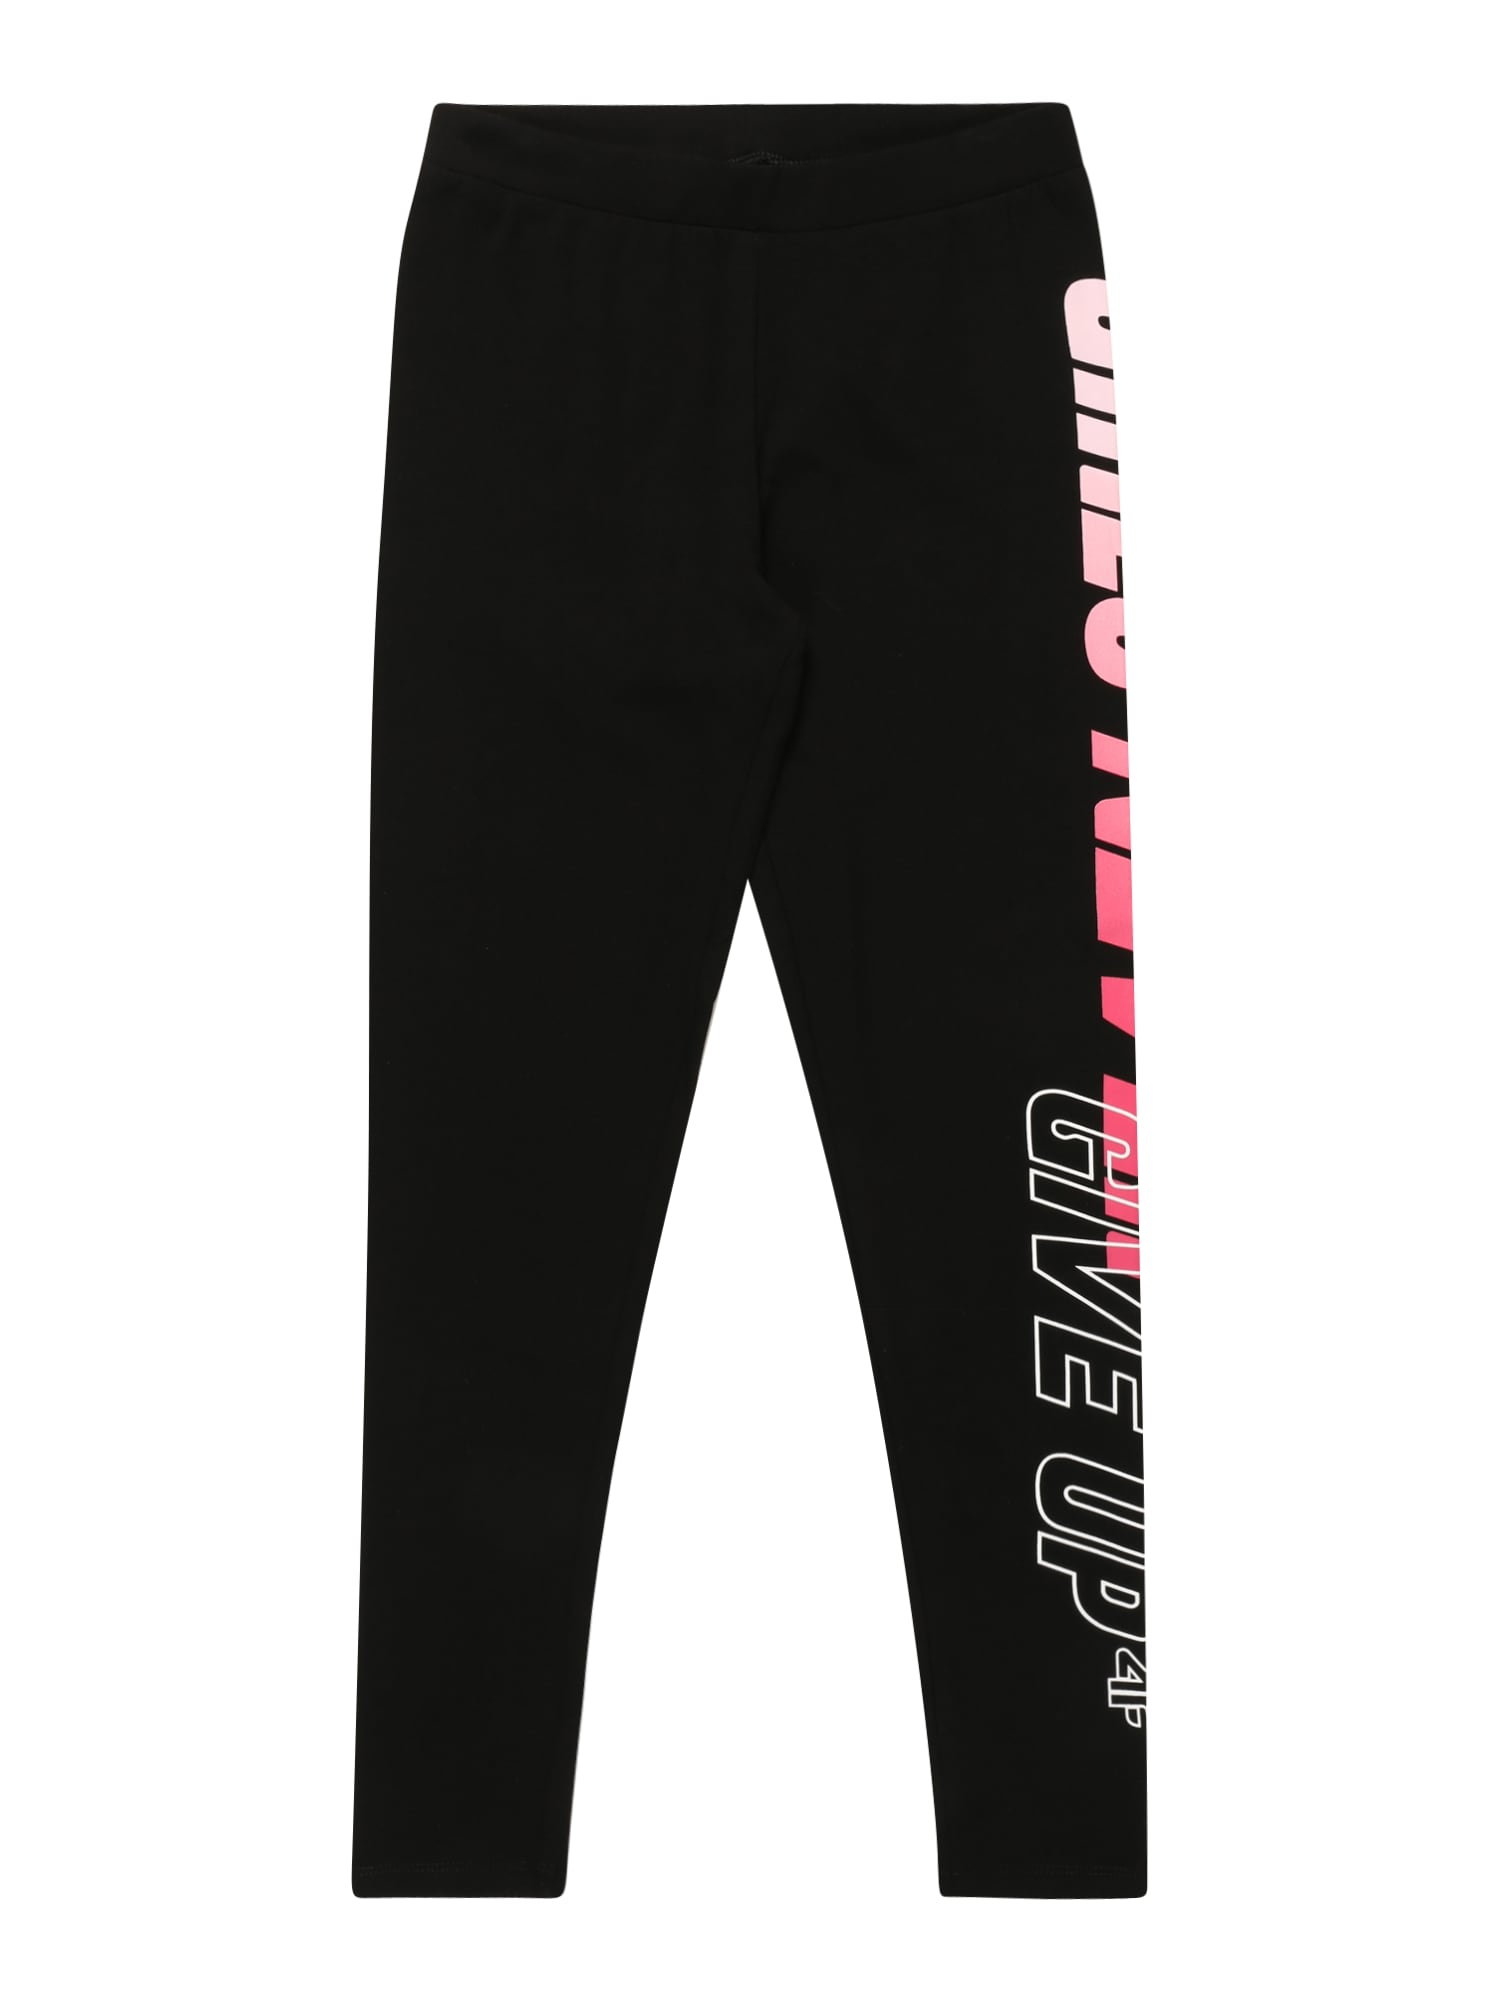 4F Sportinės kelnės juoda / balta / rožinė / rožių spalva